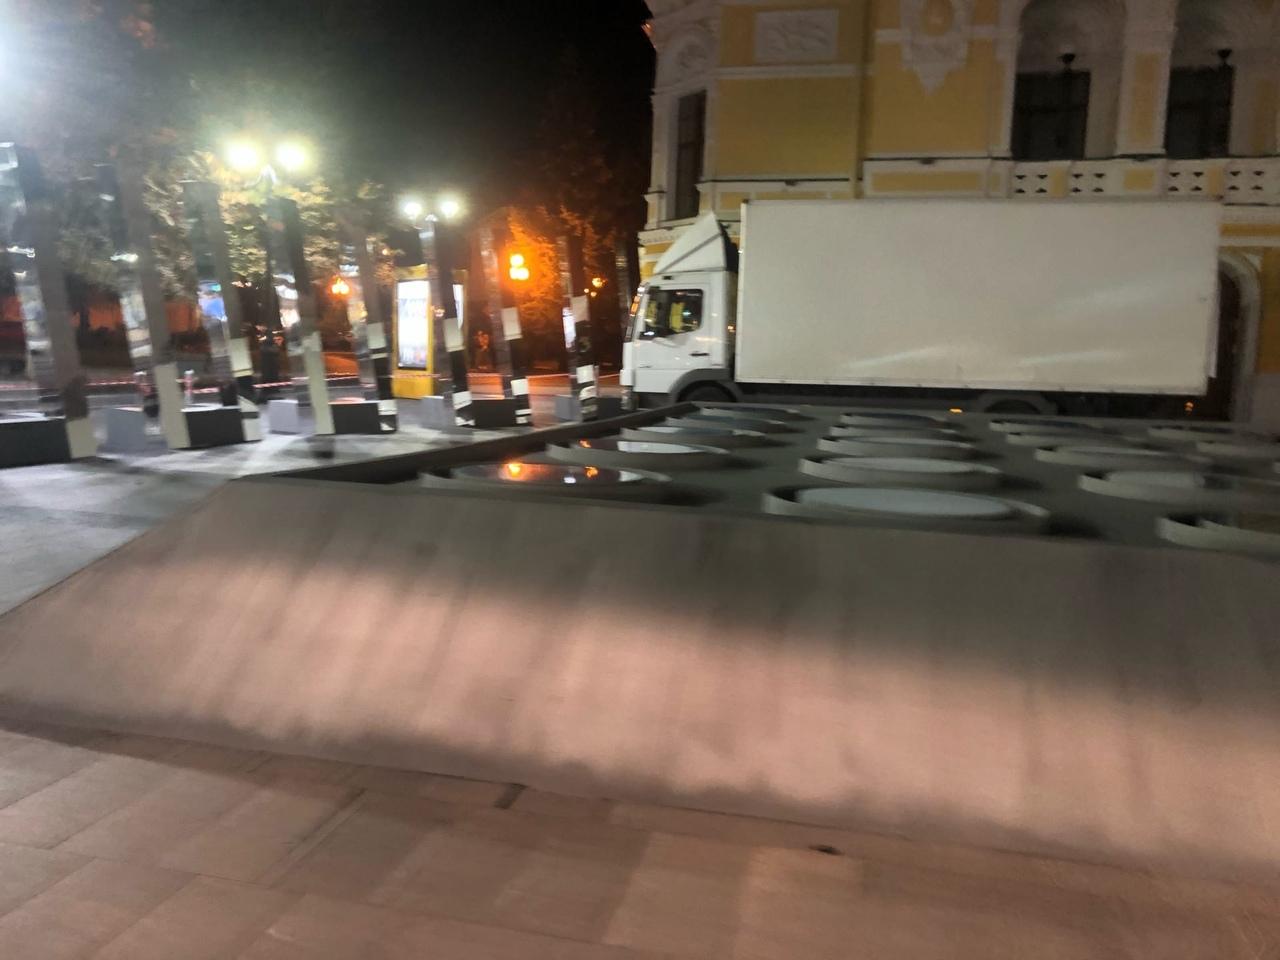 """декорации для фильма """"Пара из будущего"""" съемки фильма проходят в Нижнем Новгороде"""